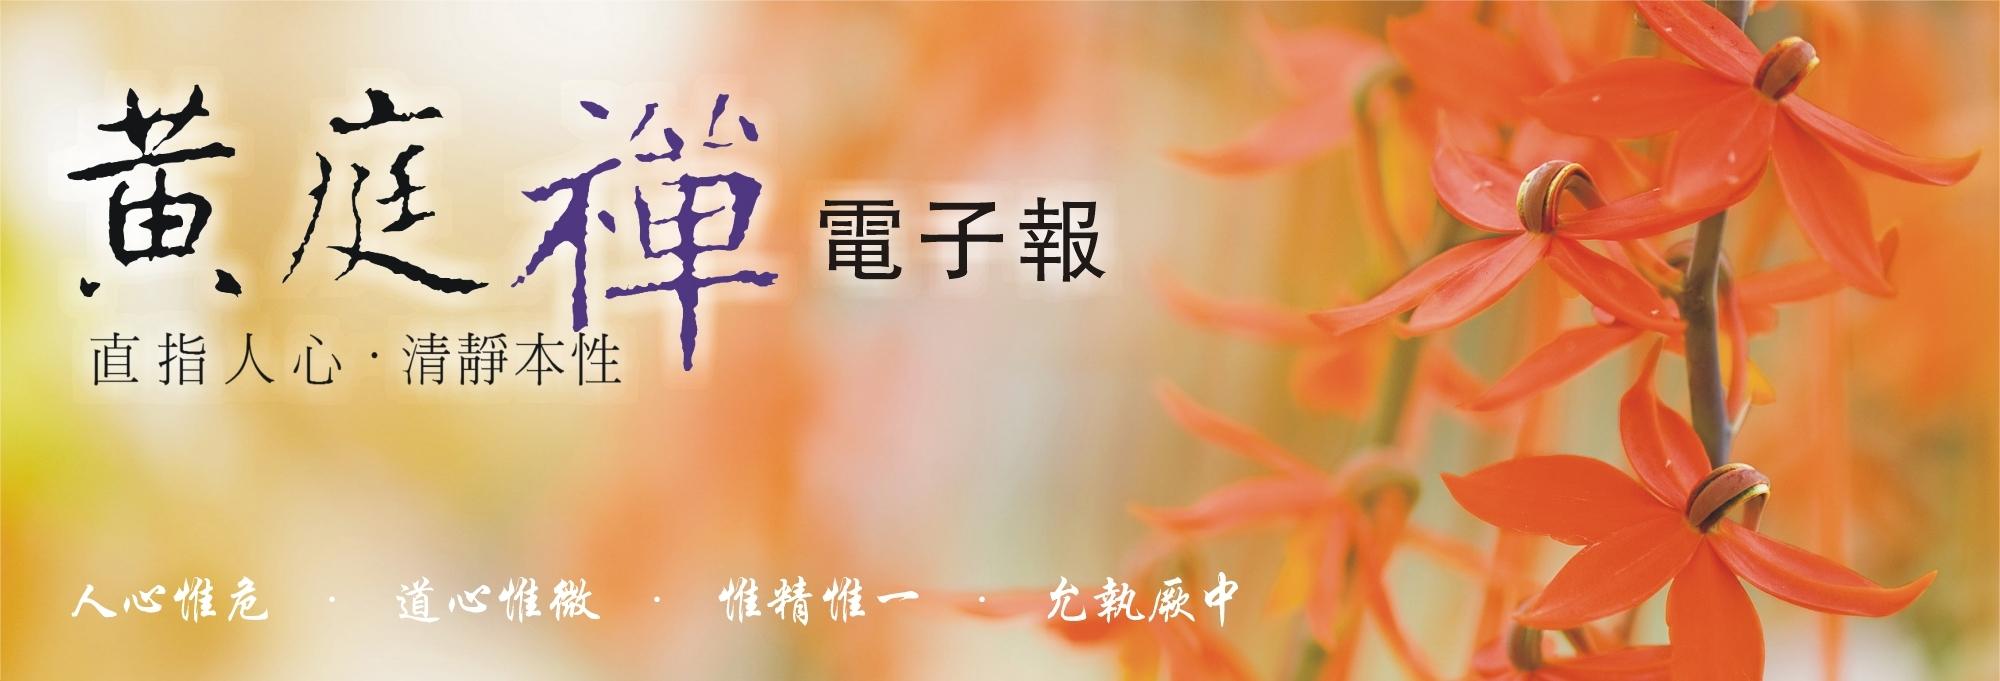 中華黃庭禪學會2016.10.11電子報